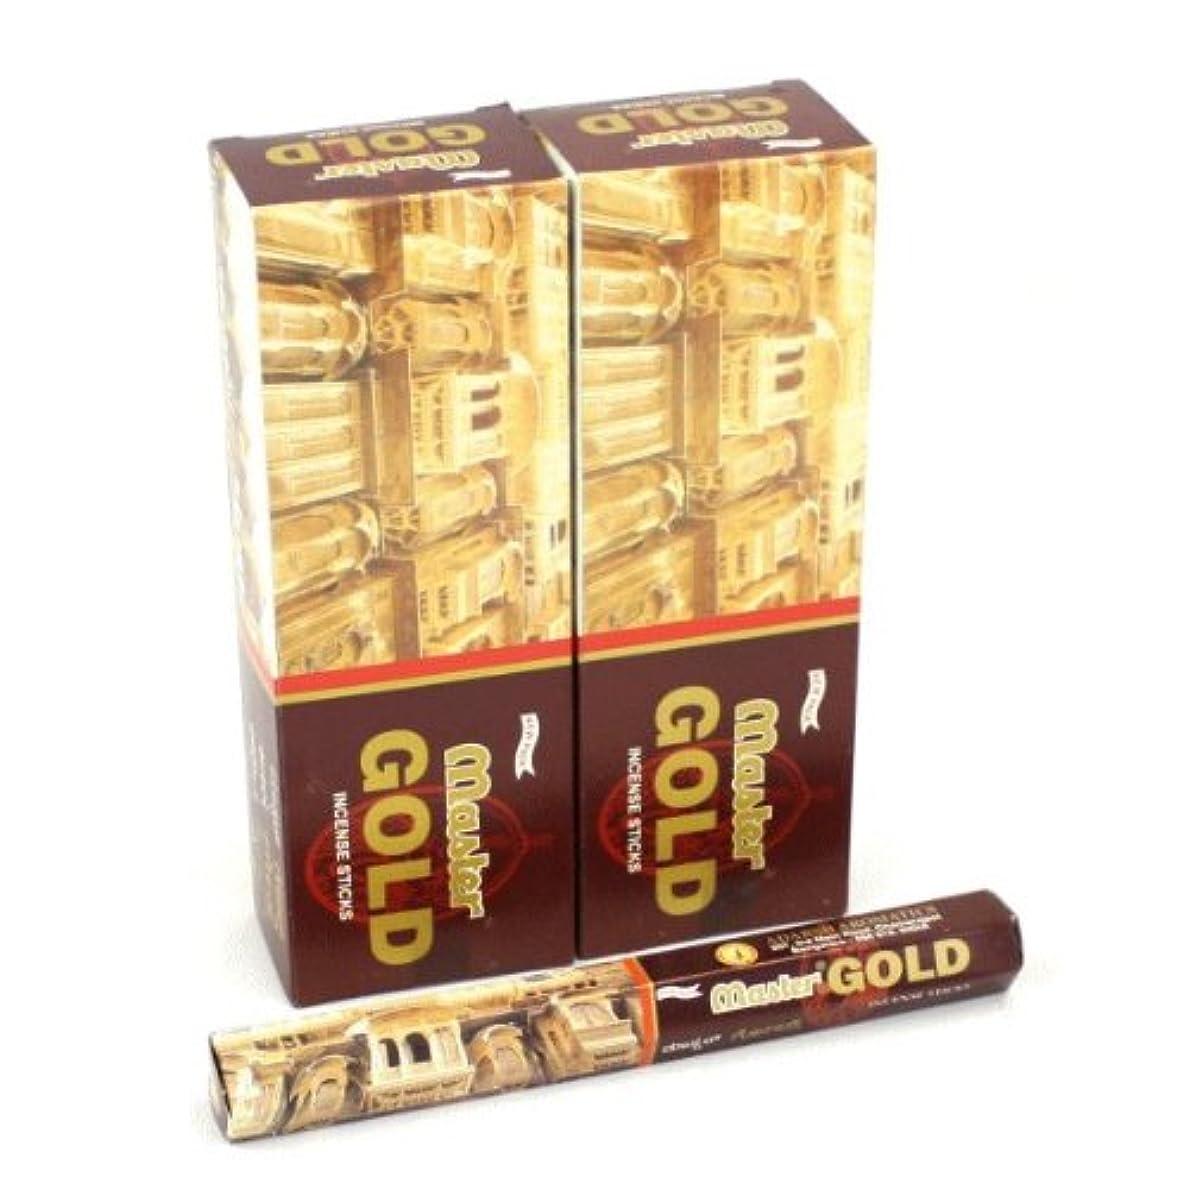 裁定派手共和党ADARSH マスターゴールド香 スティック ヘキサパック(六角) 12箱セット MASTER GOLD